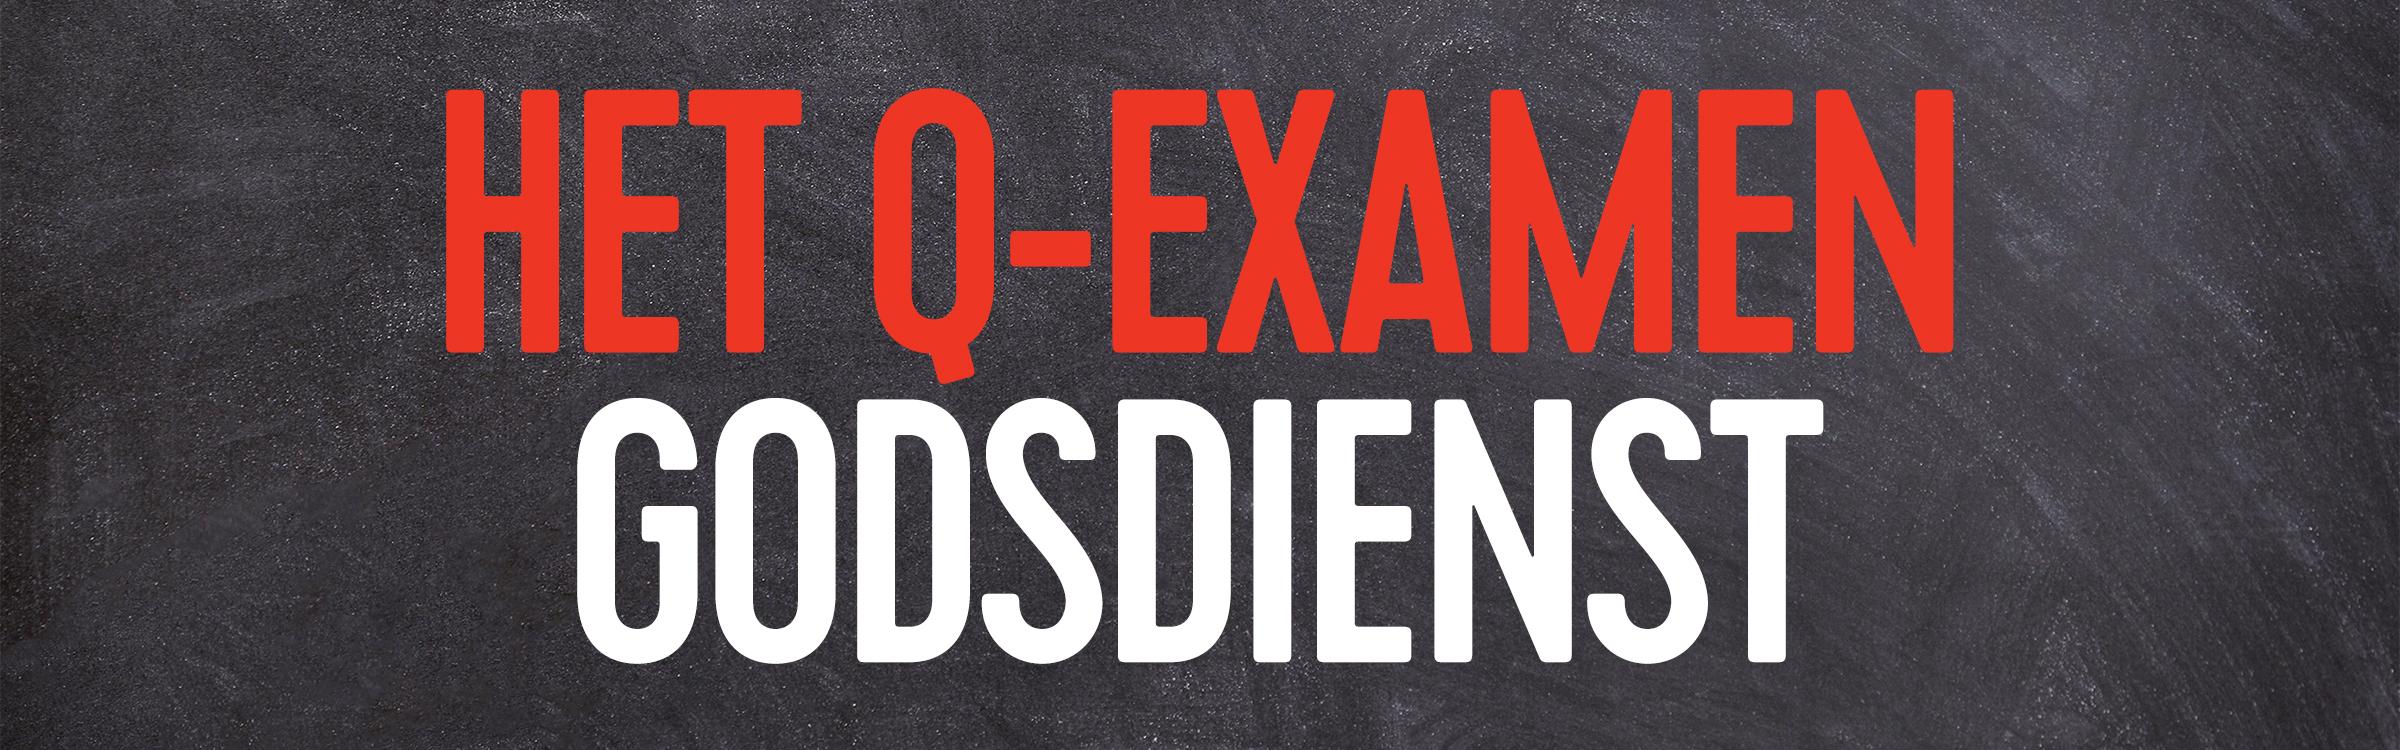 Q examen godsdienst header